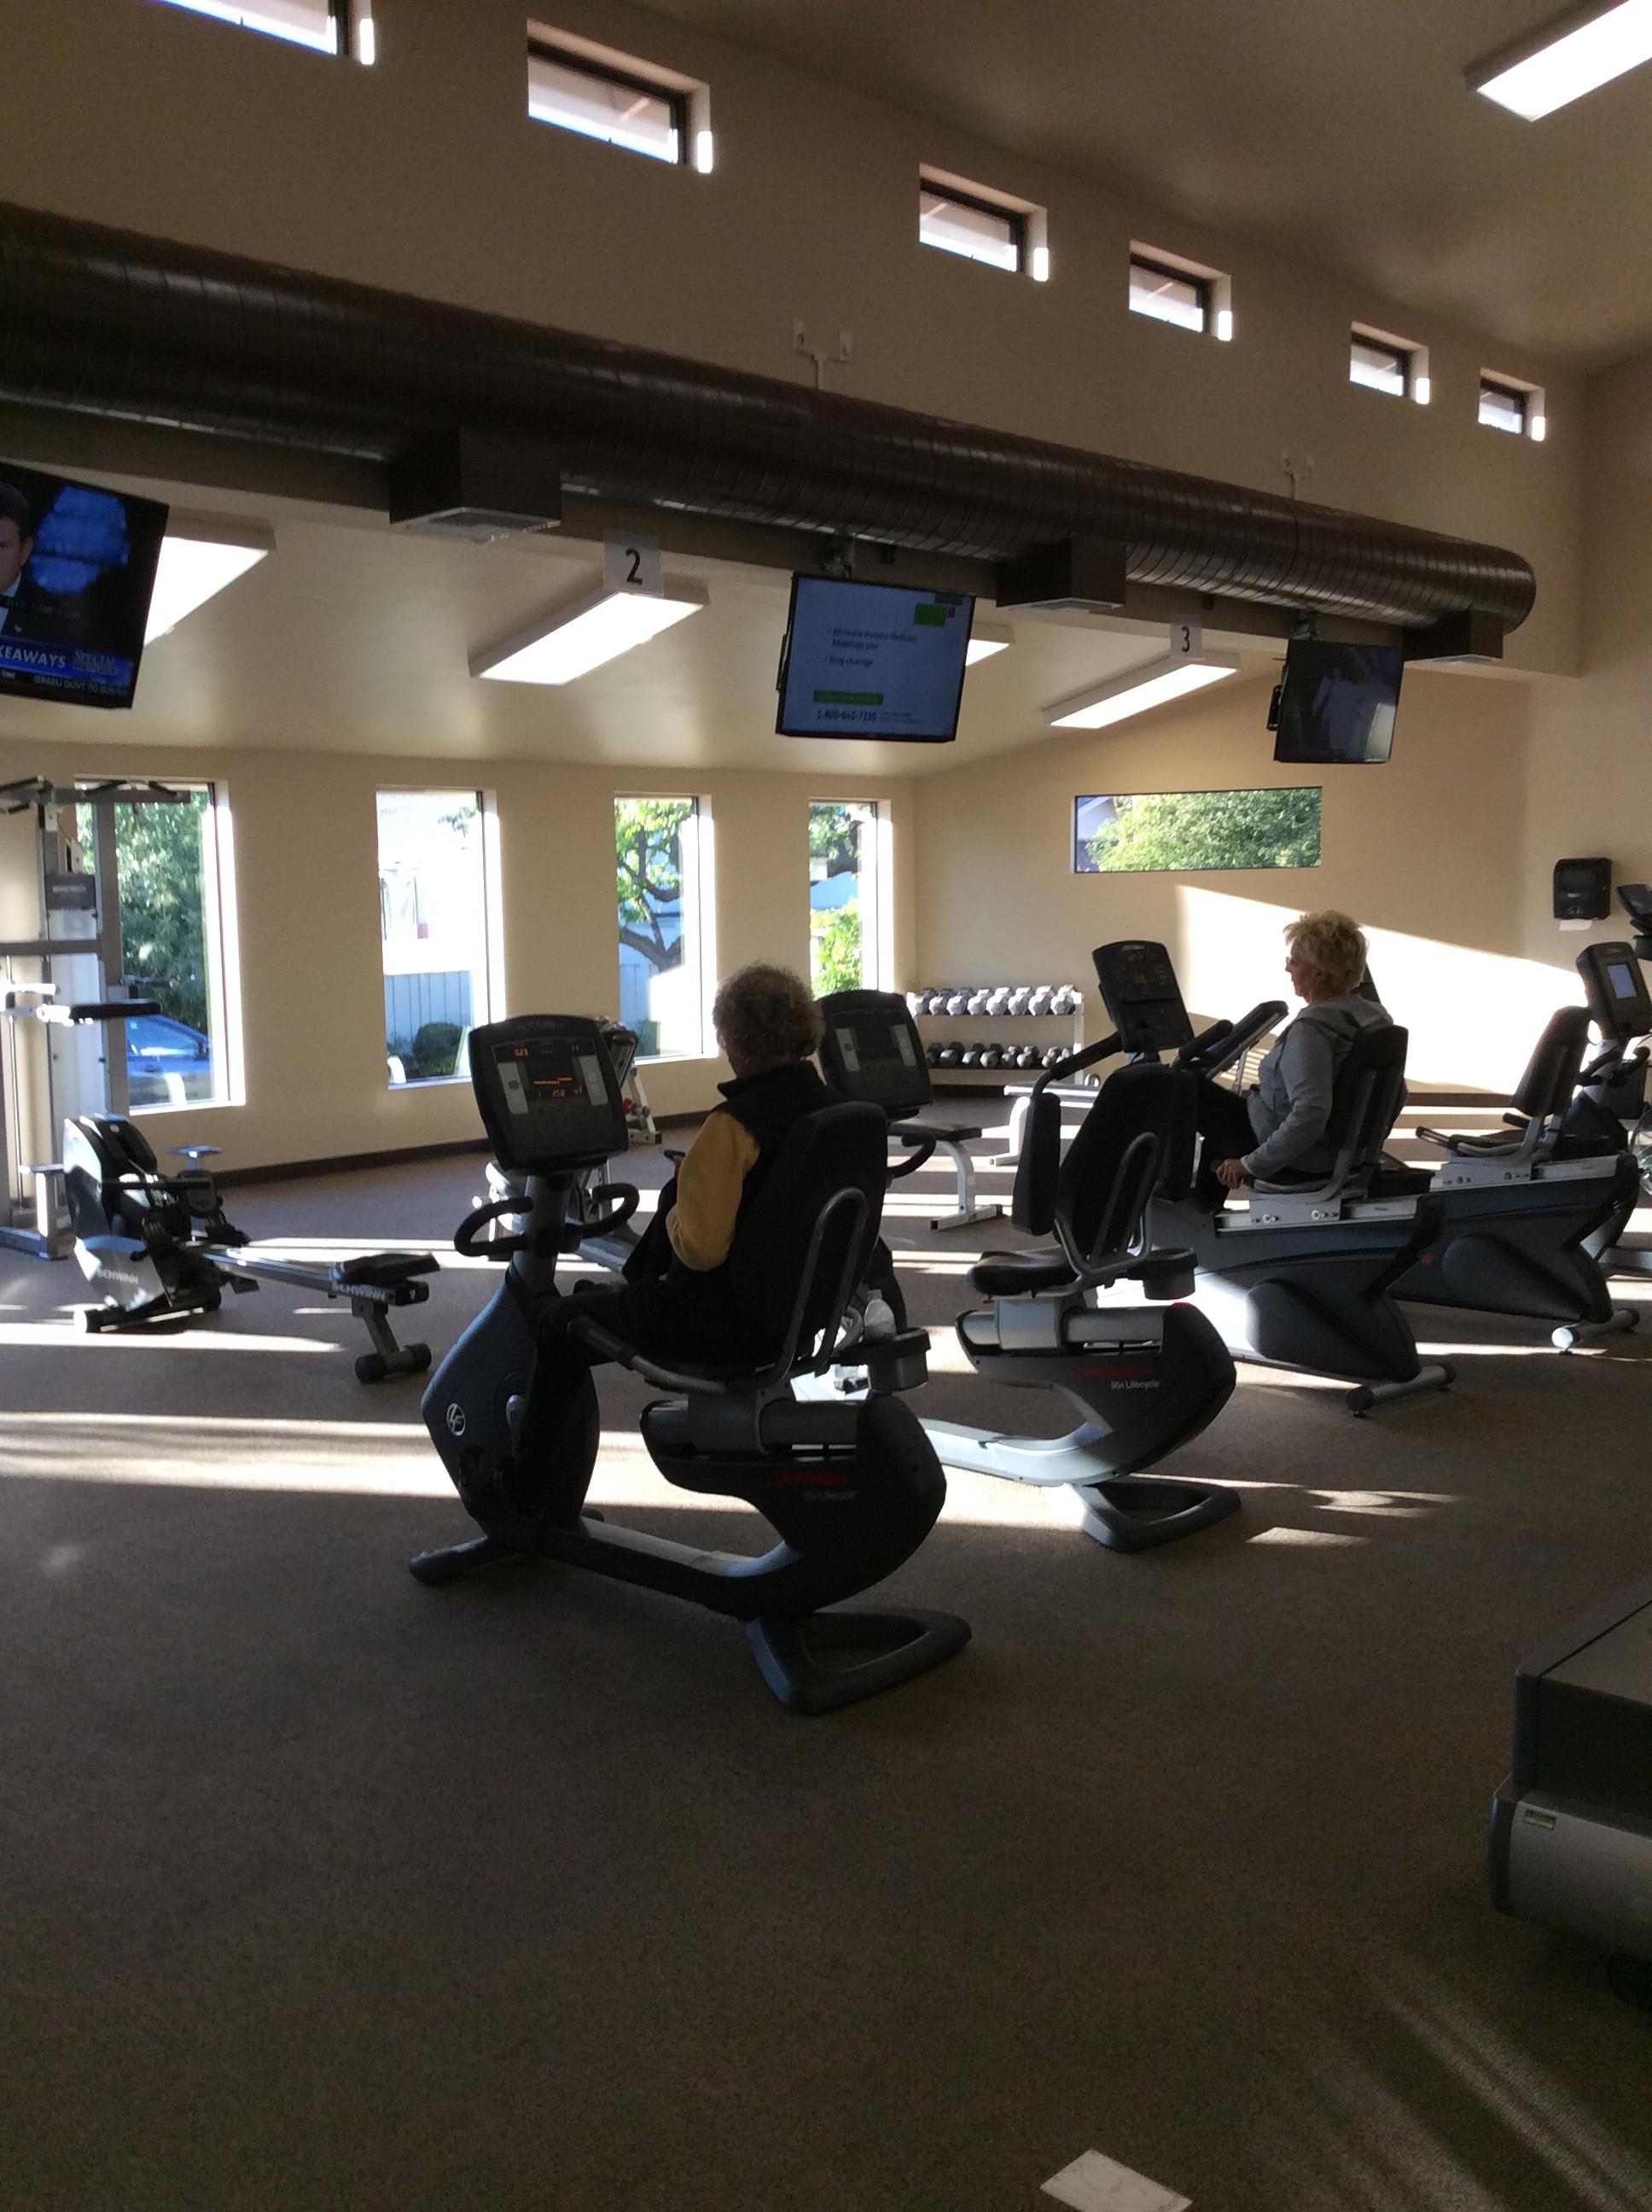 4 Fitness Center